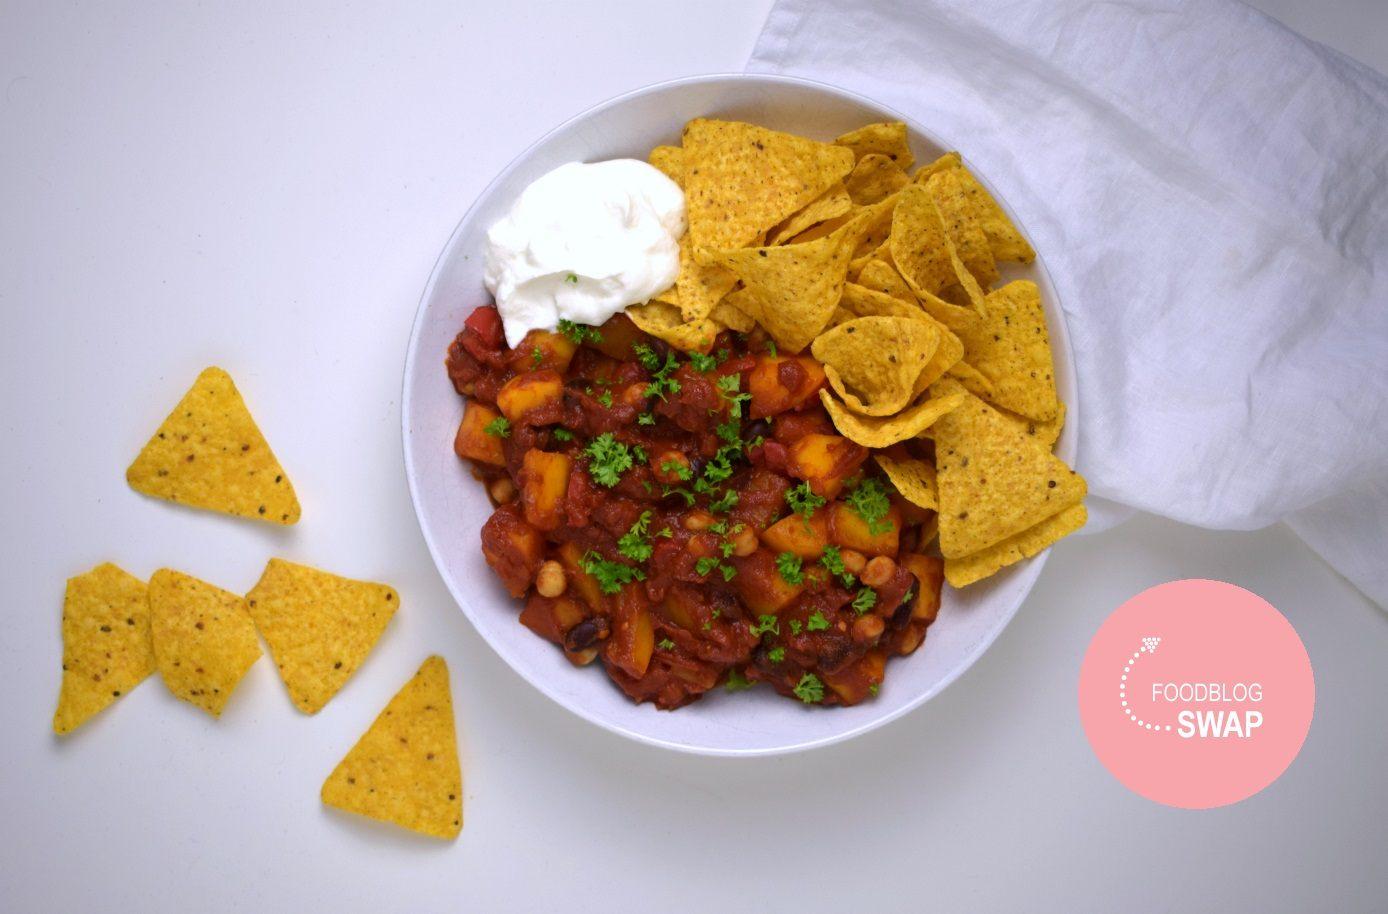 Vegan pompoen chili met tortilla chips